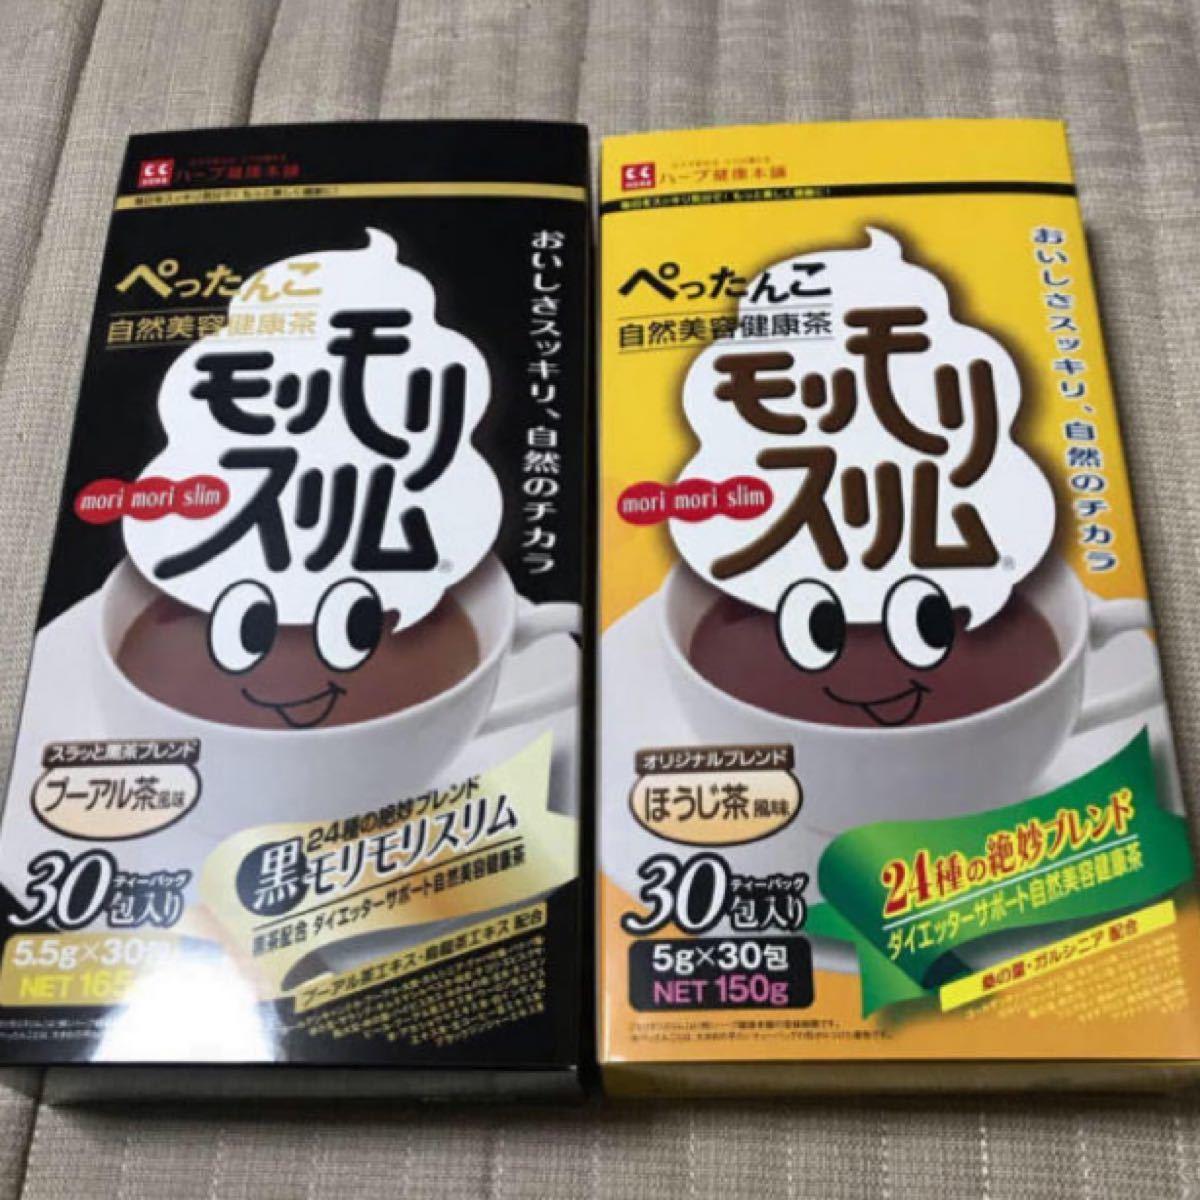 モリモリスリム   プーアル茶 ほうじ茶風味 合計8包